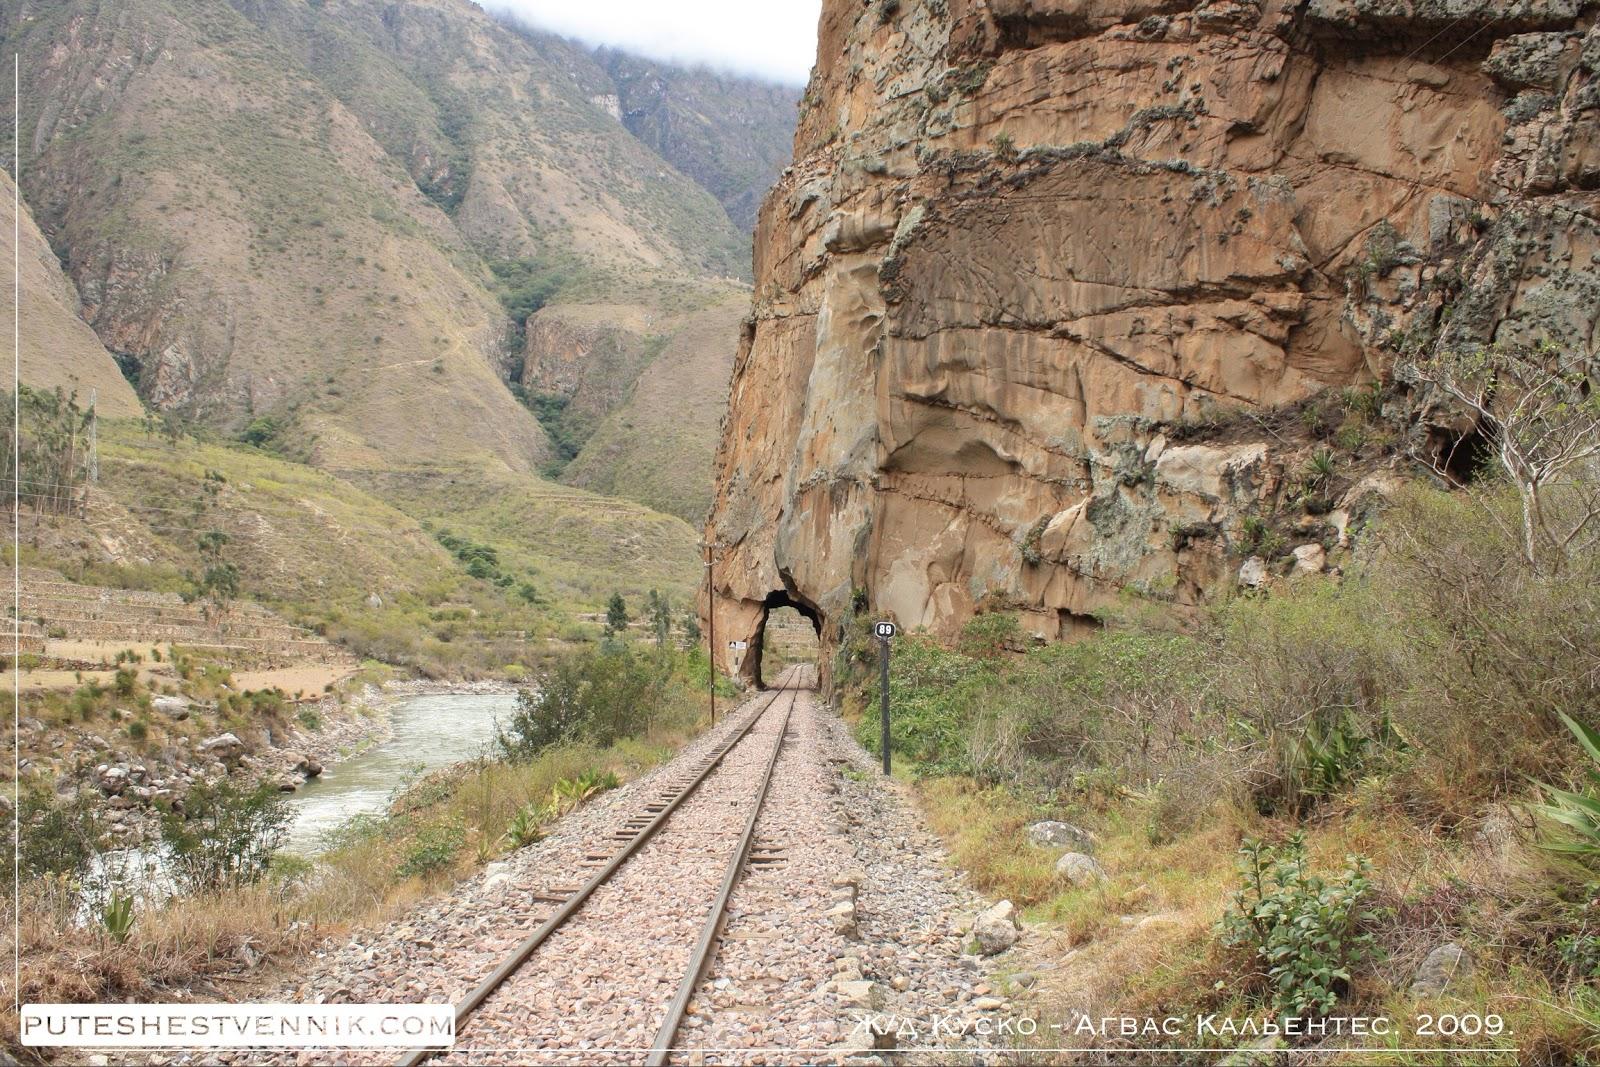 Проход в скале на пути железной дороги